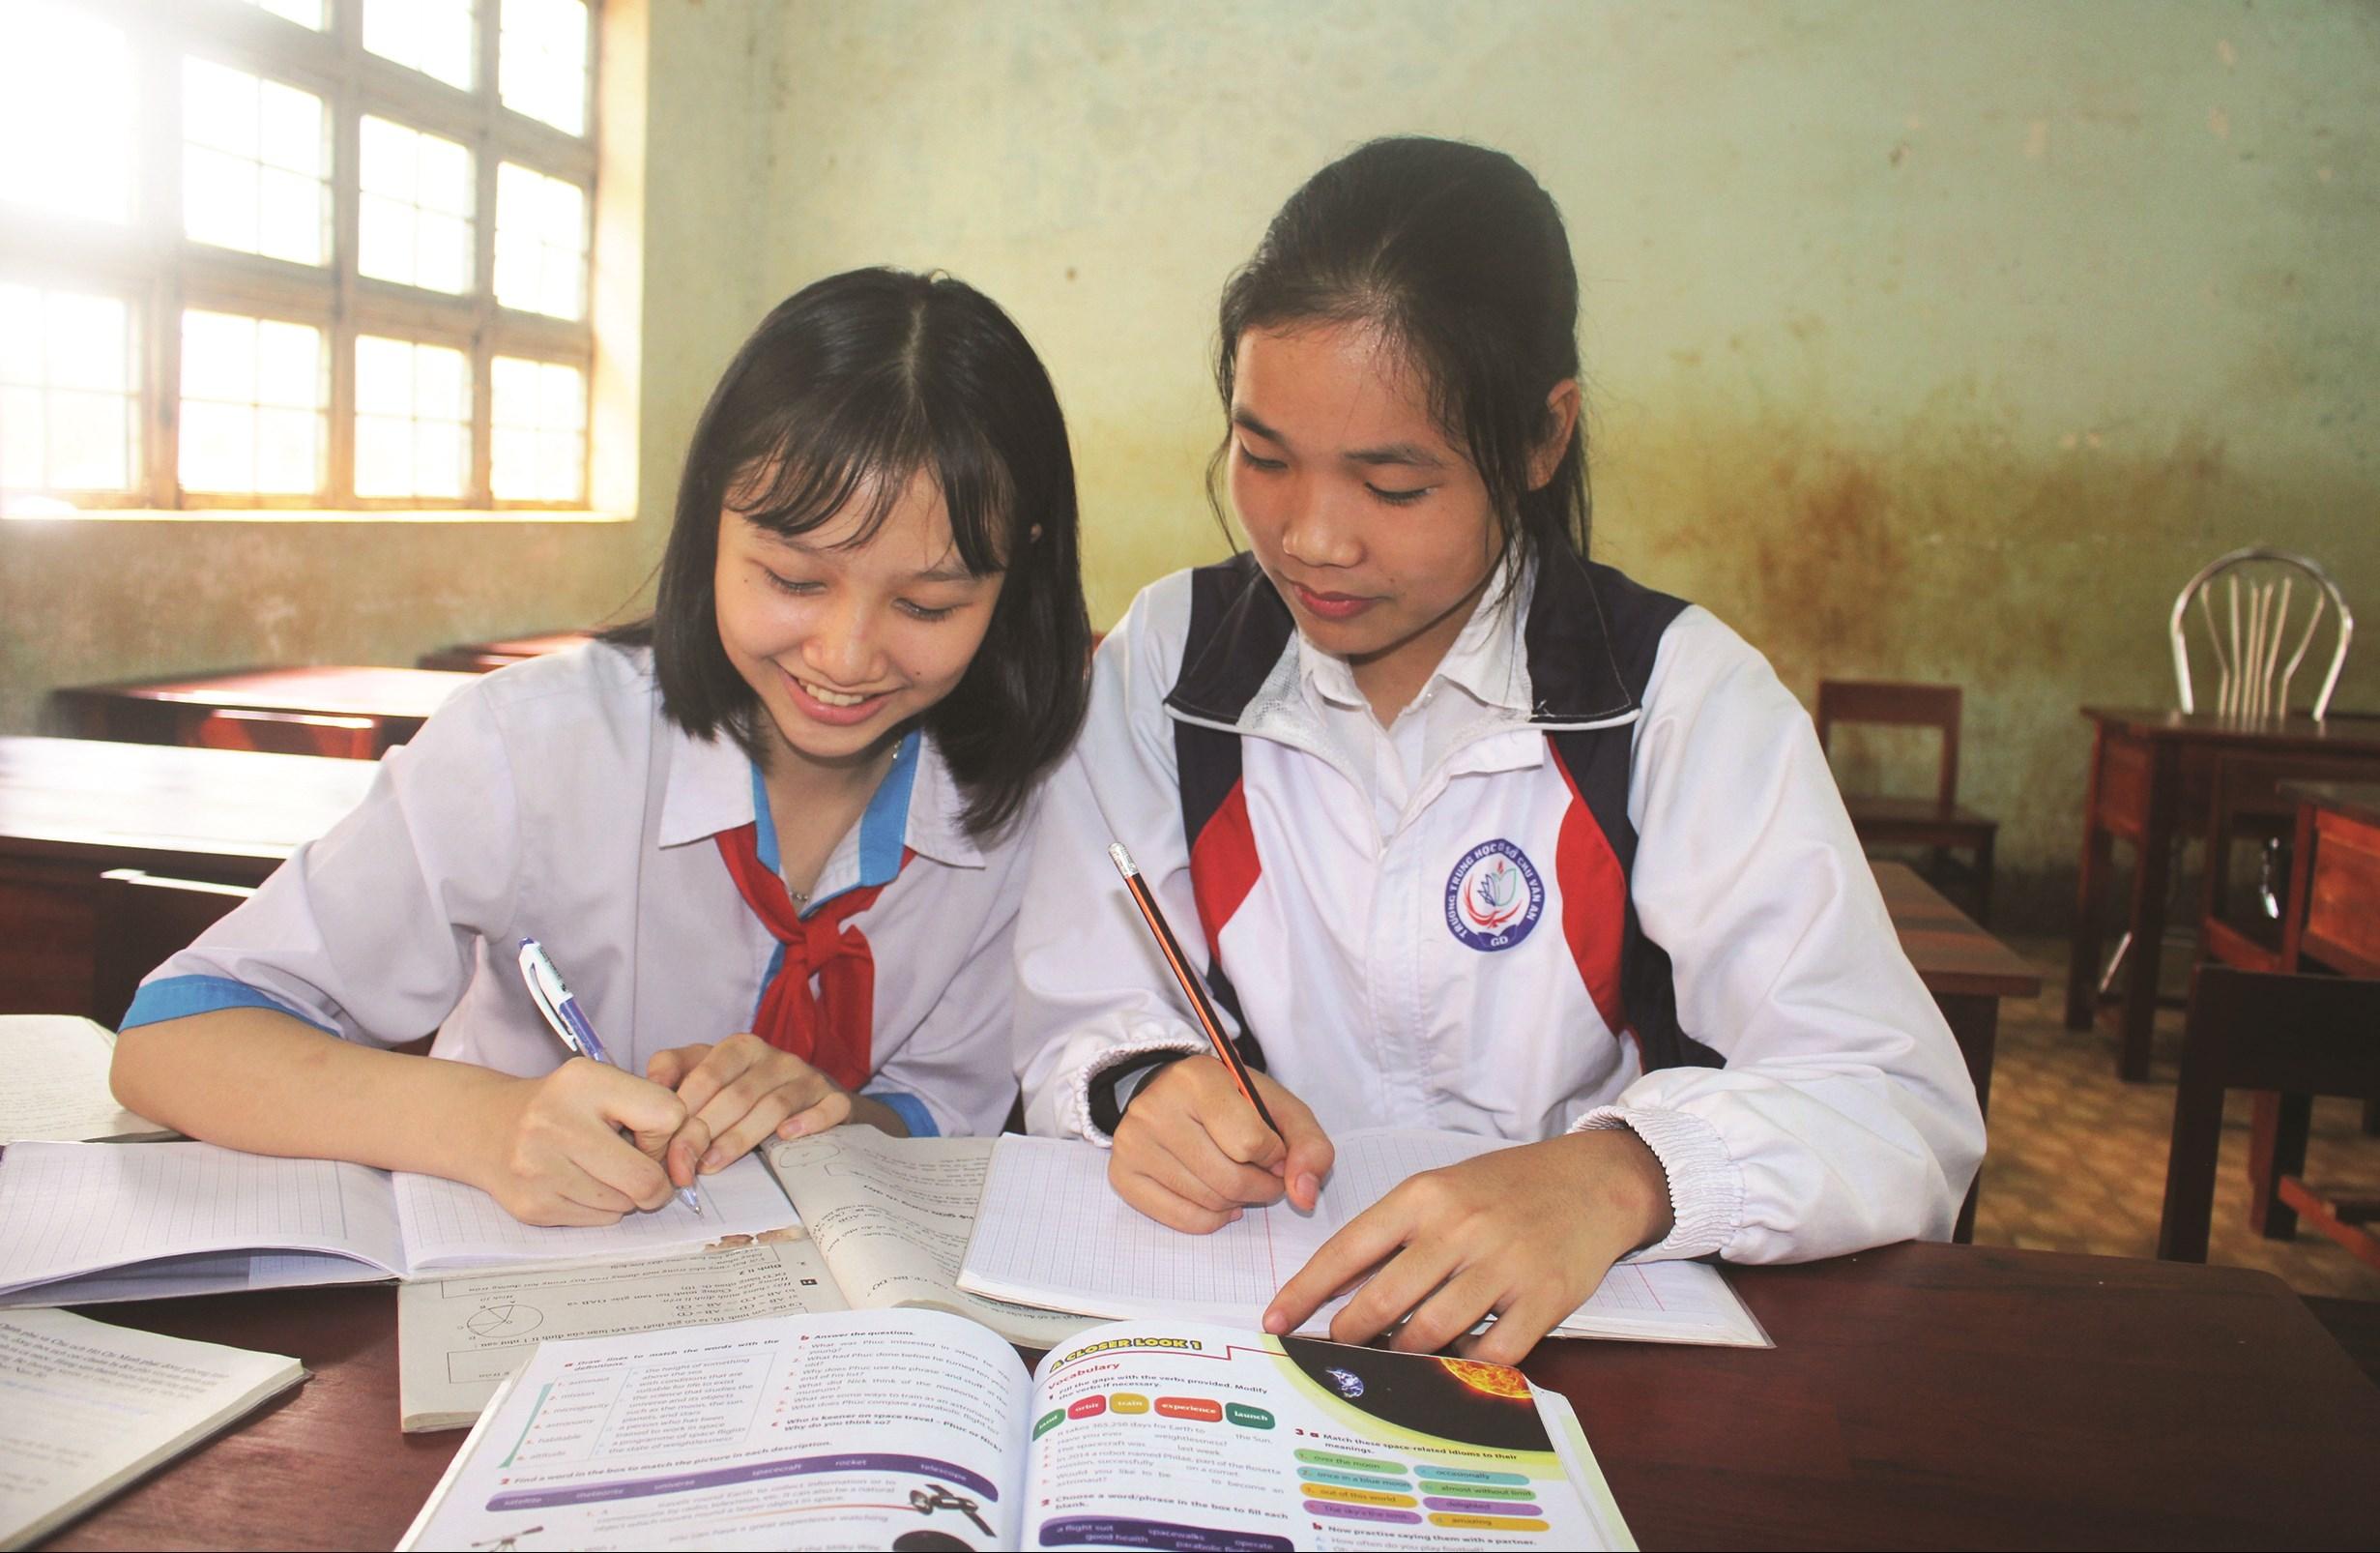 Nhờ chăm chỉ cố gắng học tập, em Nguyễn Thị Anh (bìa phải) đã đạt được giải Nhất môn Địa lý trong kỳ thi học sinh giỏi cấp tỉnh